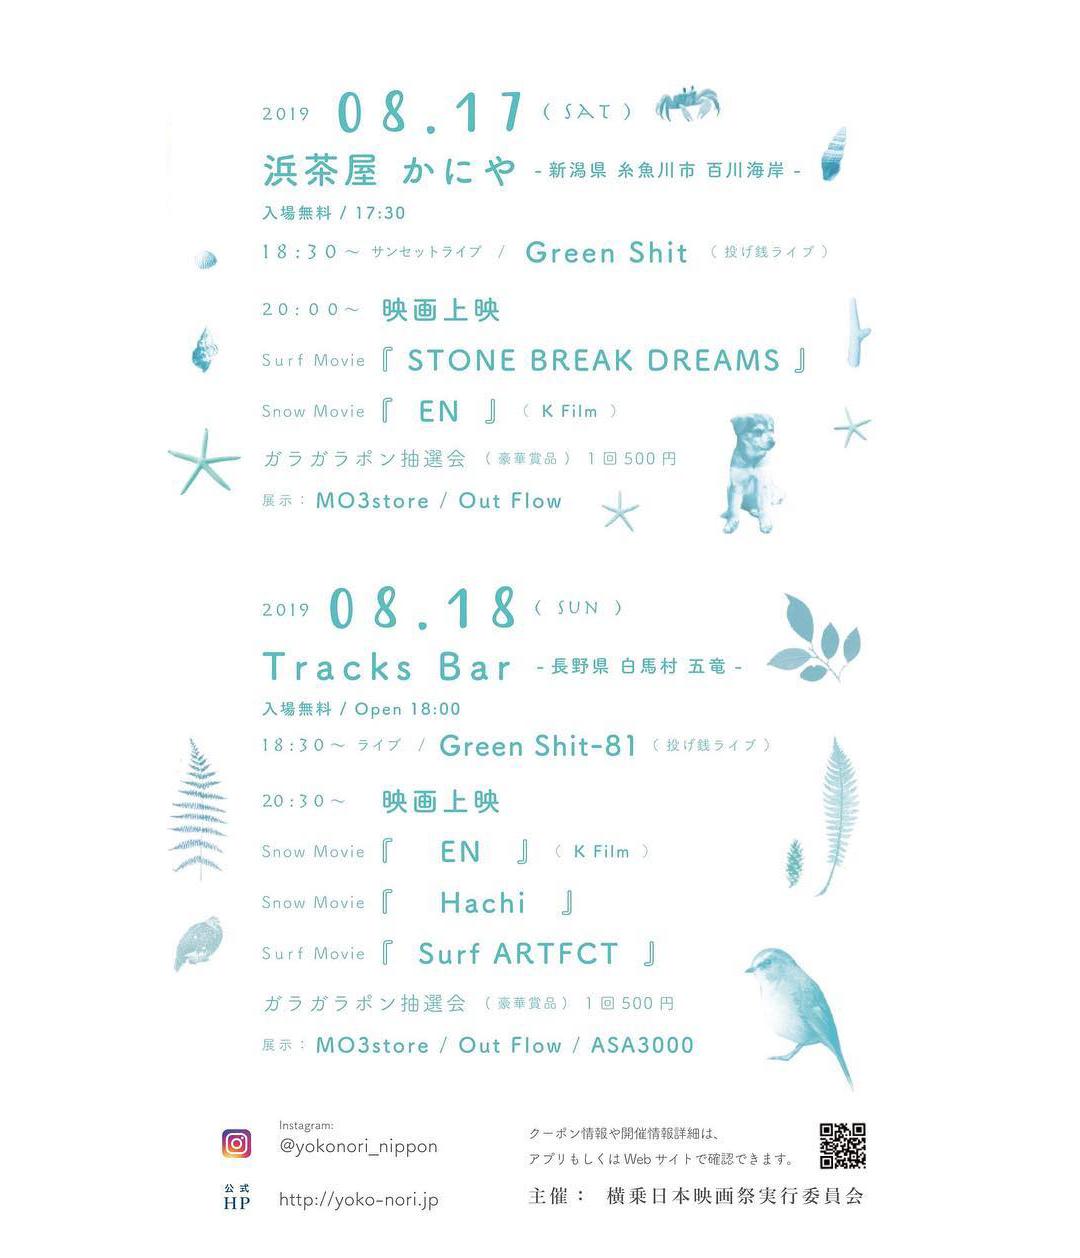 横乗日本映画祭